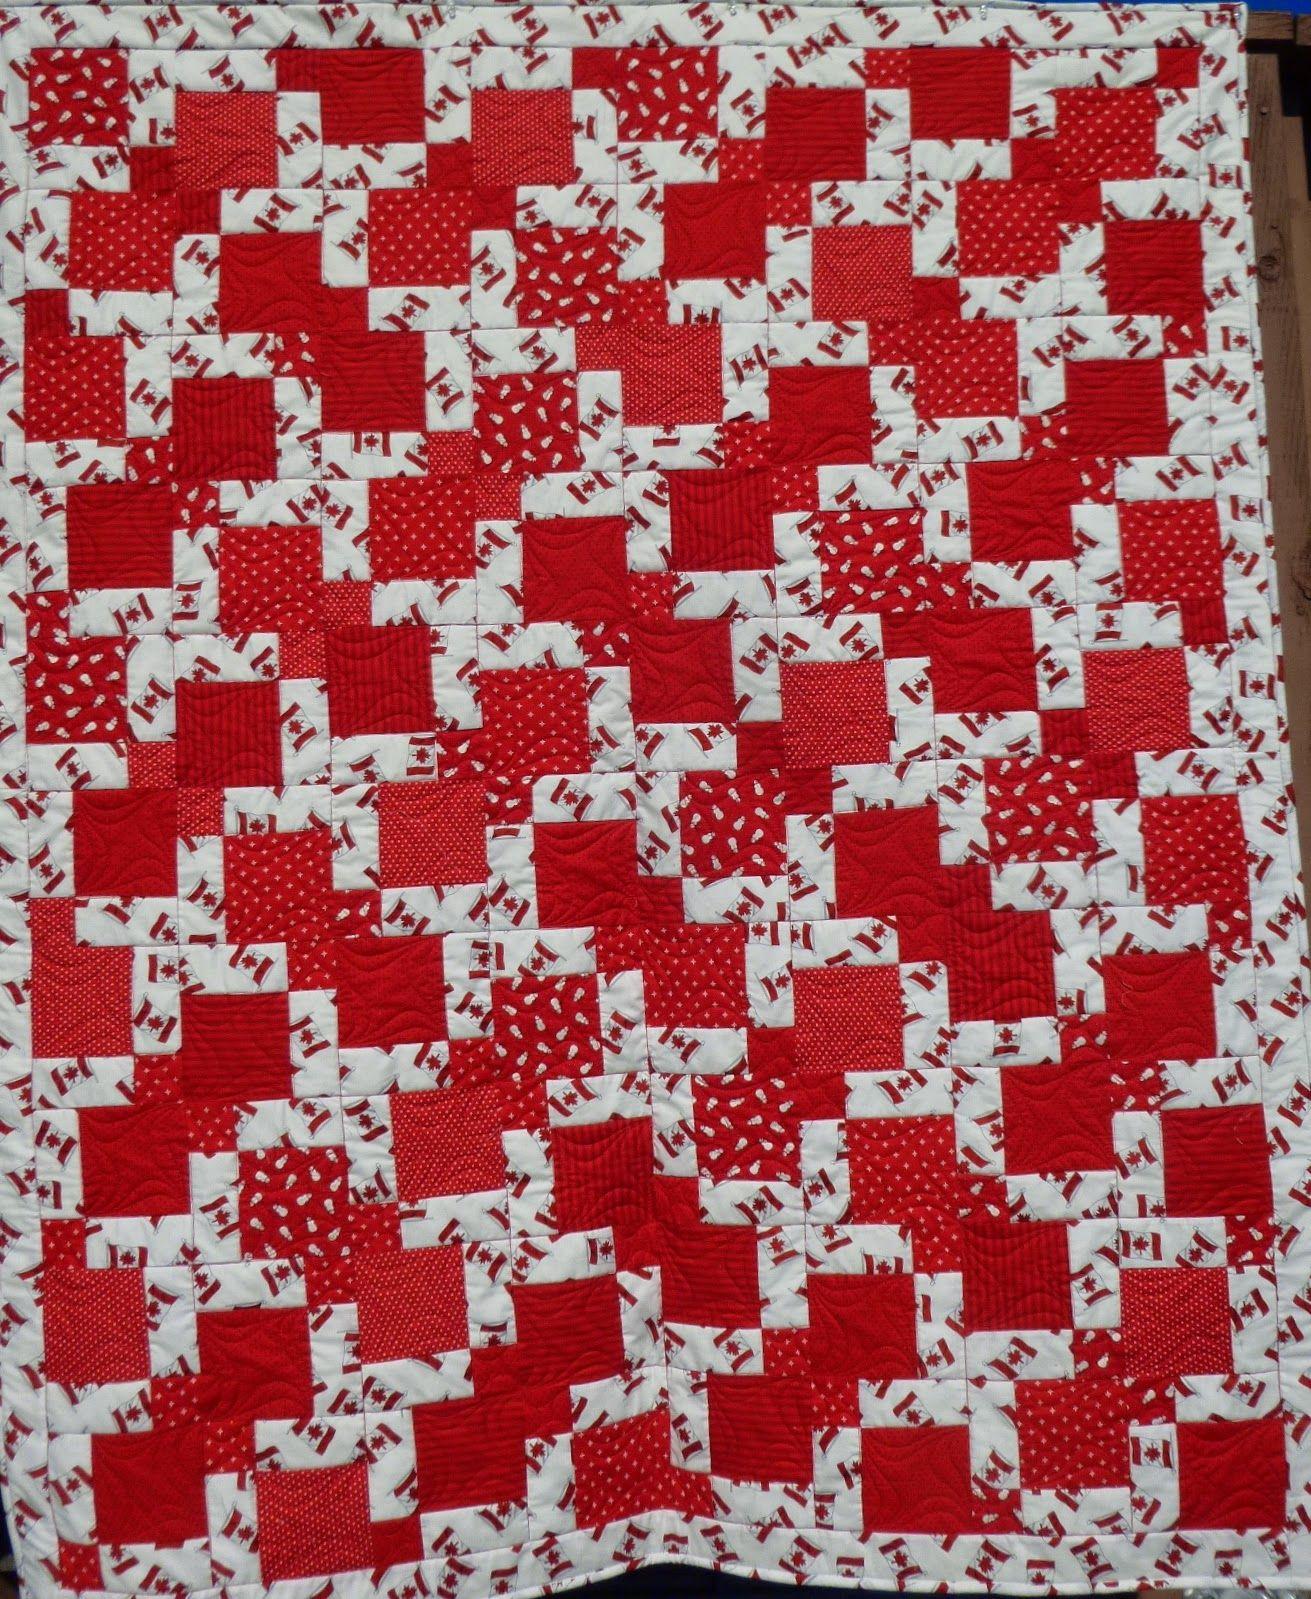 Canadian Flag Quilt # 1 (Linda's Quiltmania) | Flag quilt and Flags : canadian flag quilt - Adamdwight.com